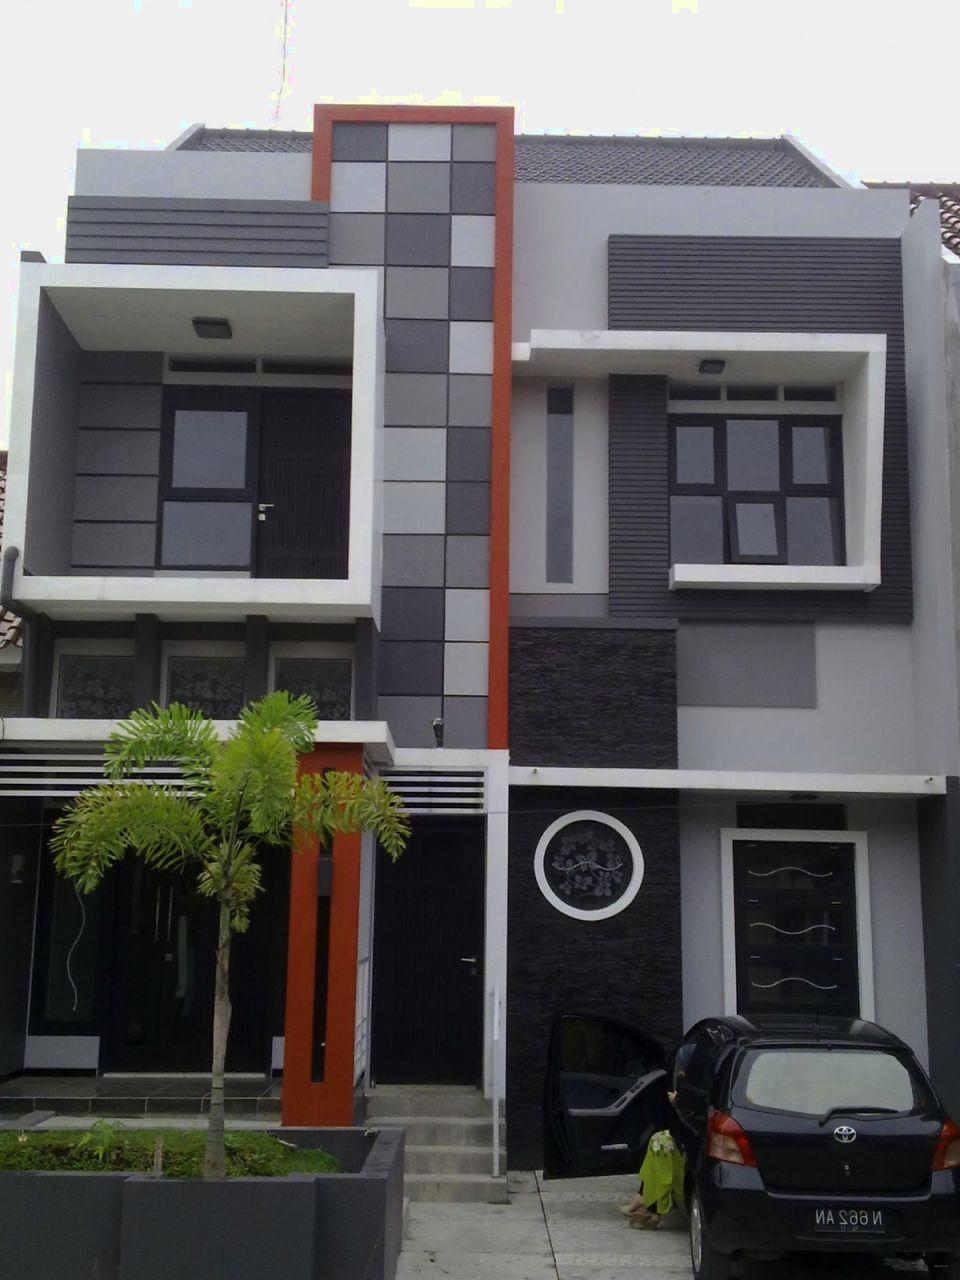 Harga Rumah Minimalis 2 Lantai Type 60 | Desain Rumah ...